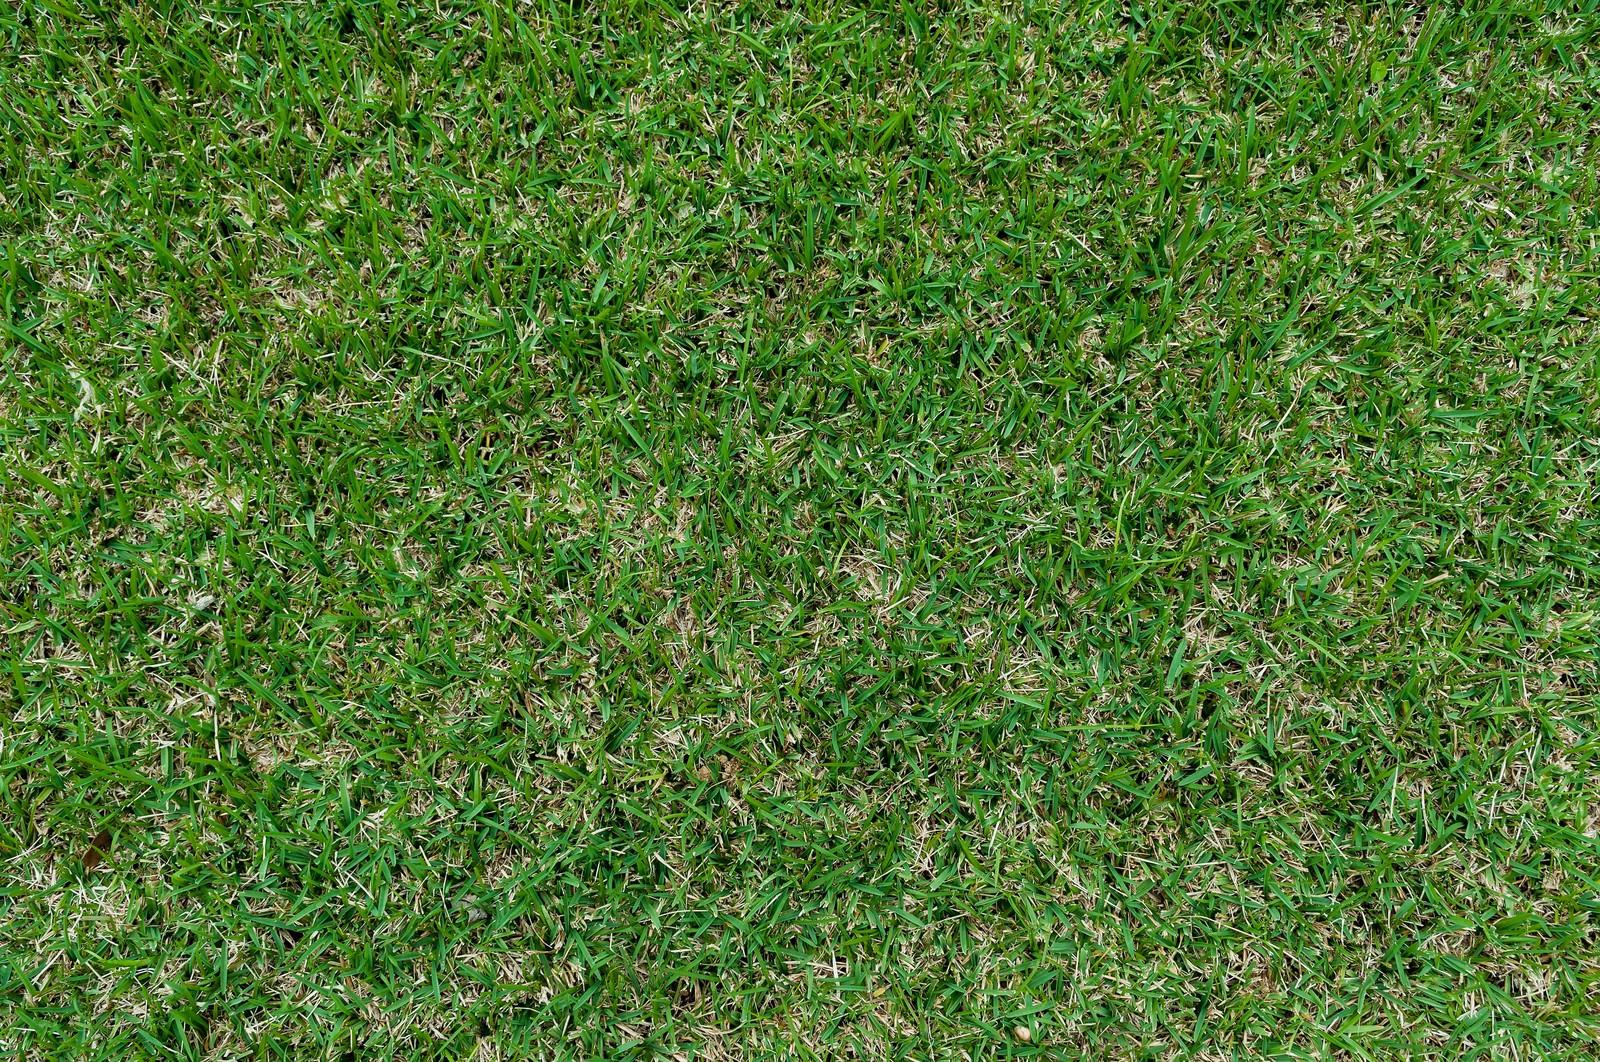 「芝のテクスチャー」の写真